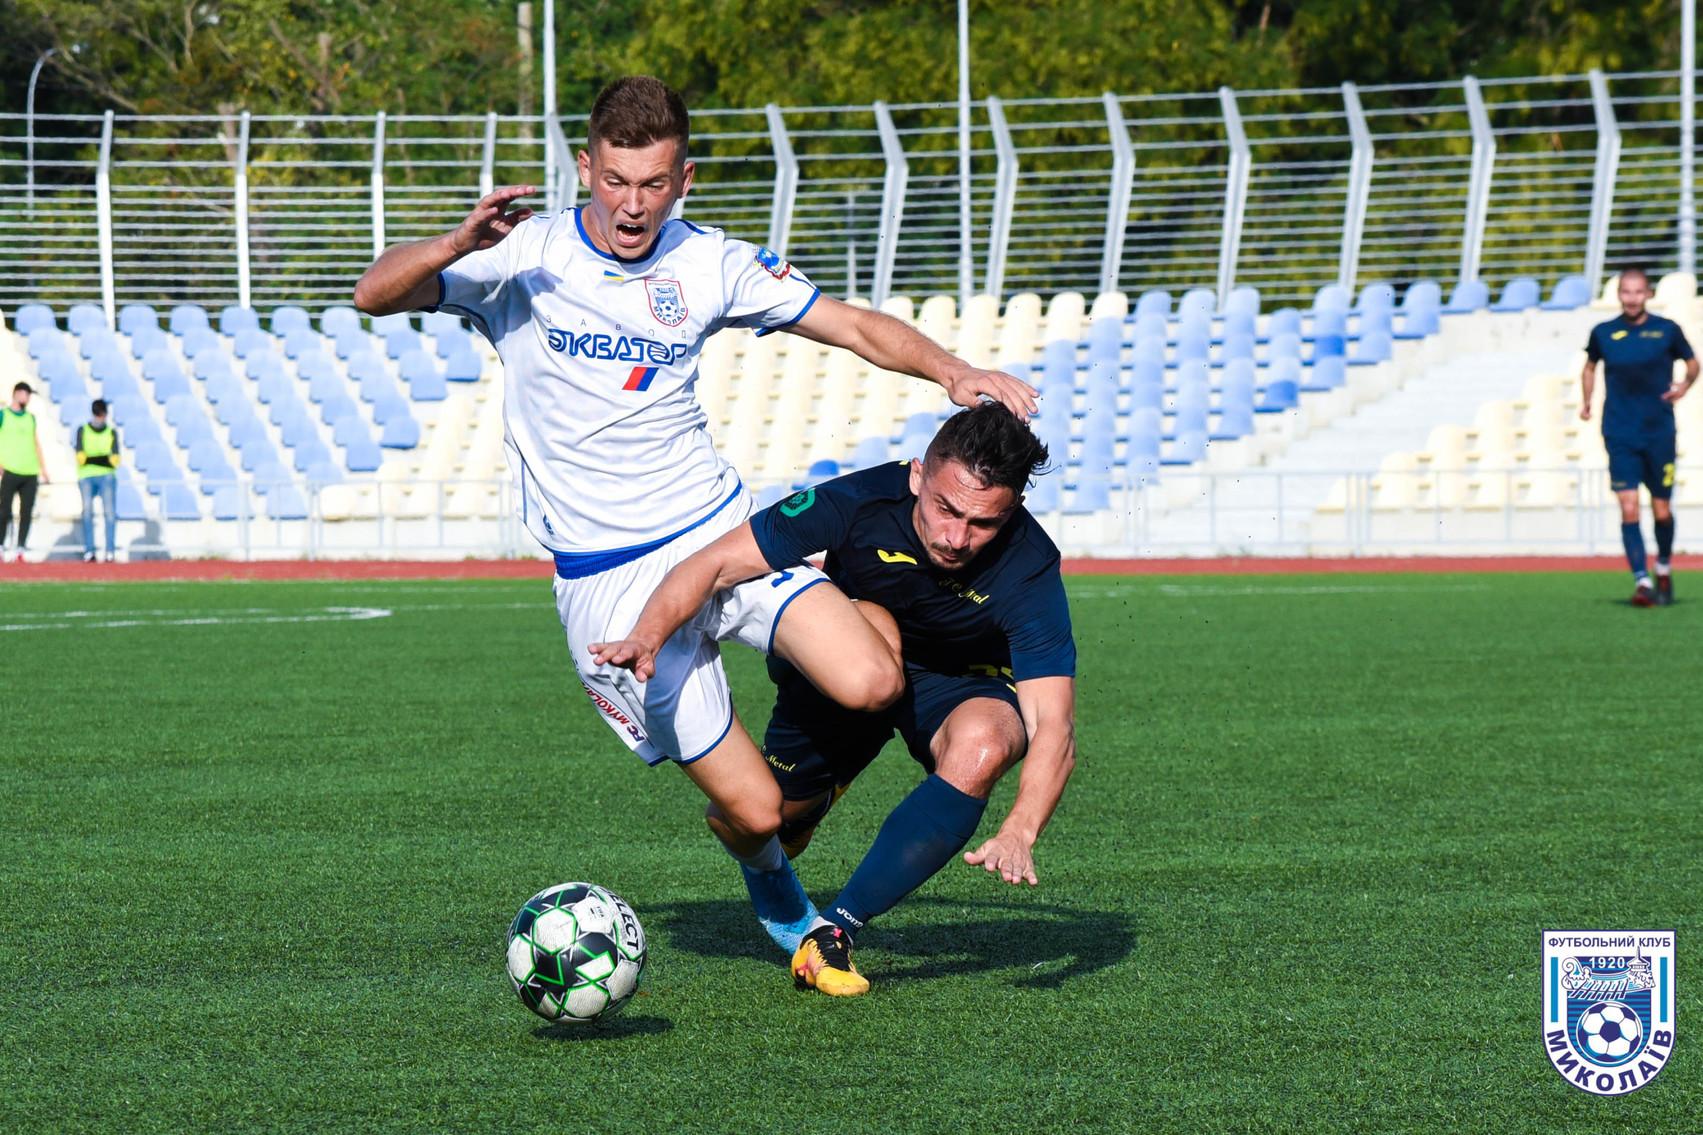 Матчи лидеров групп между собой, Кривбасс пока не играет - анонс 6-го тура Второй лиги - изображение 4